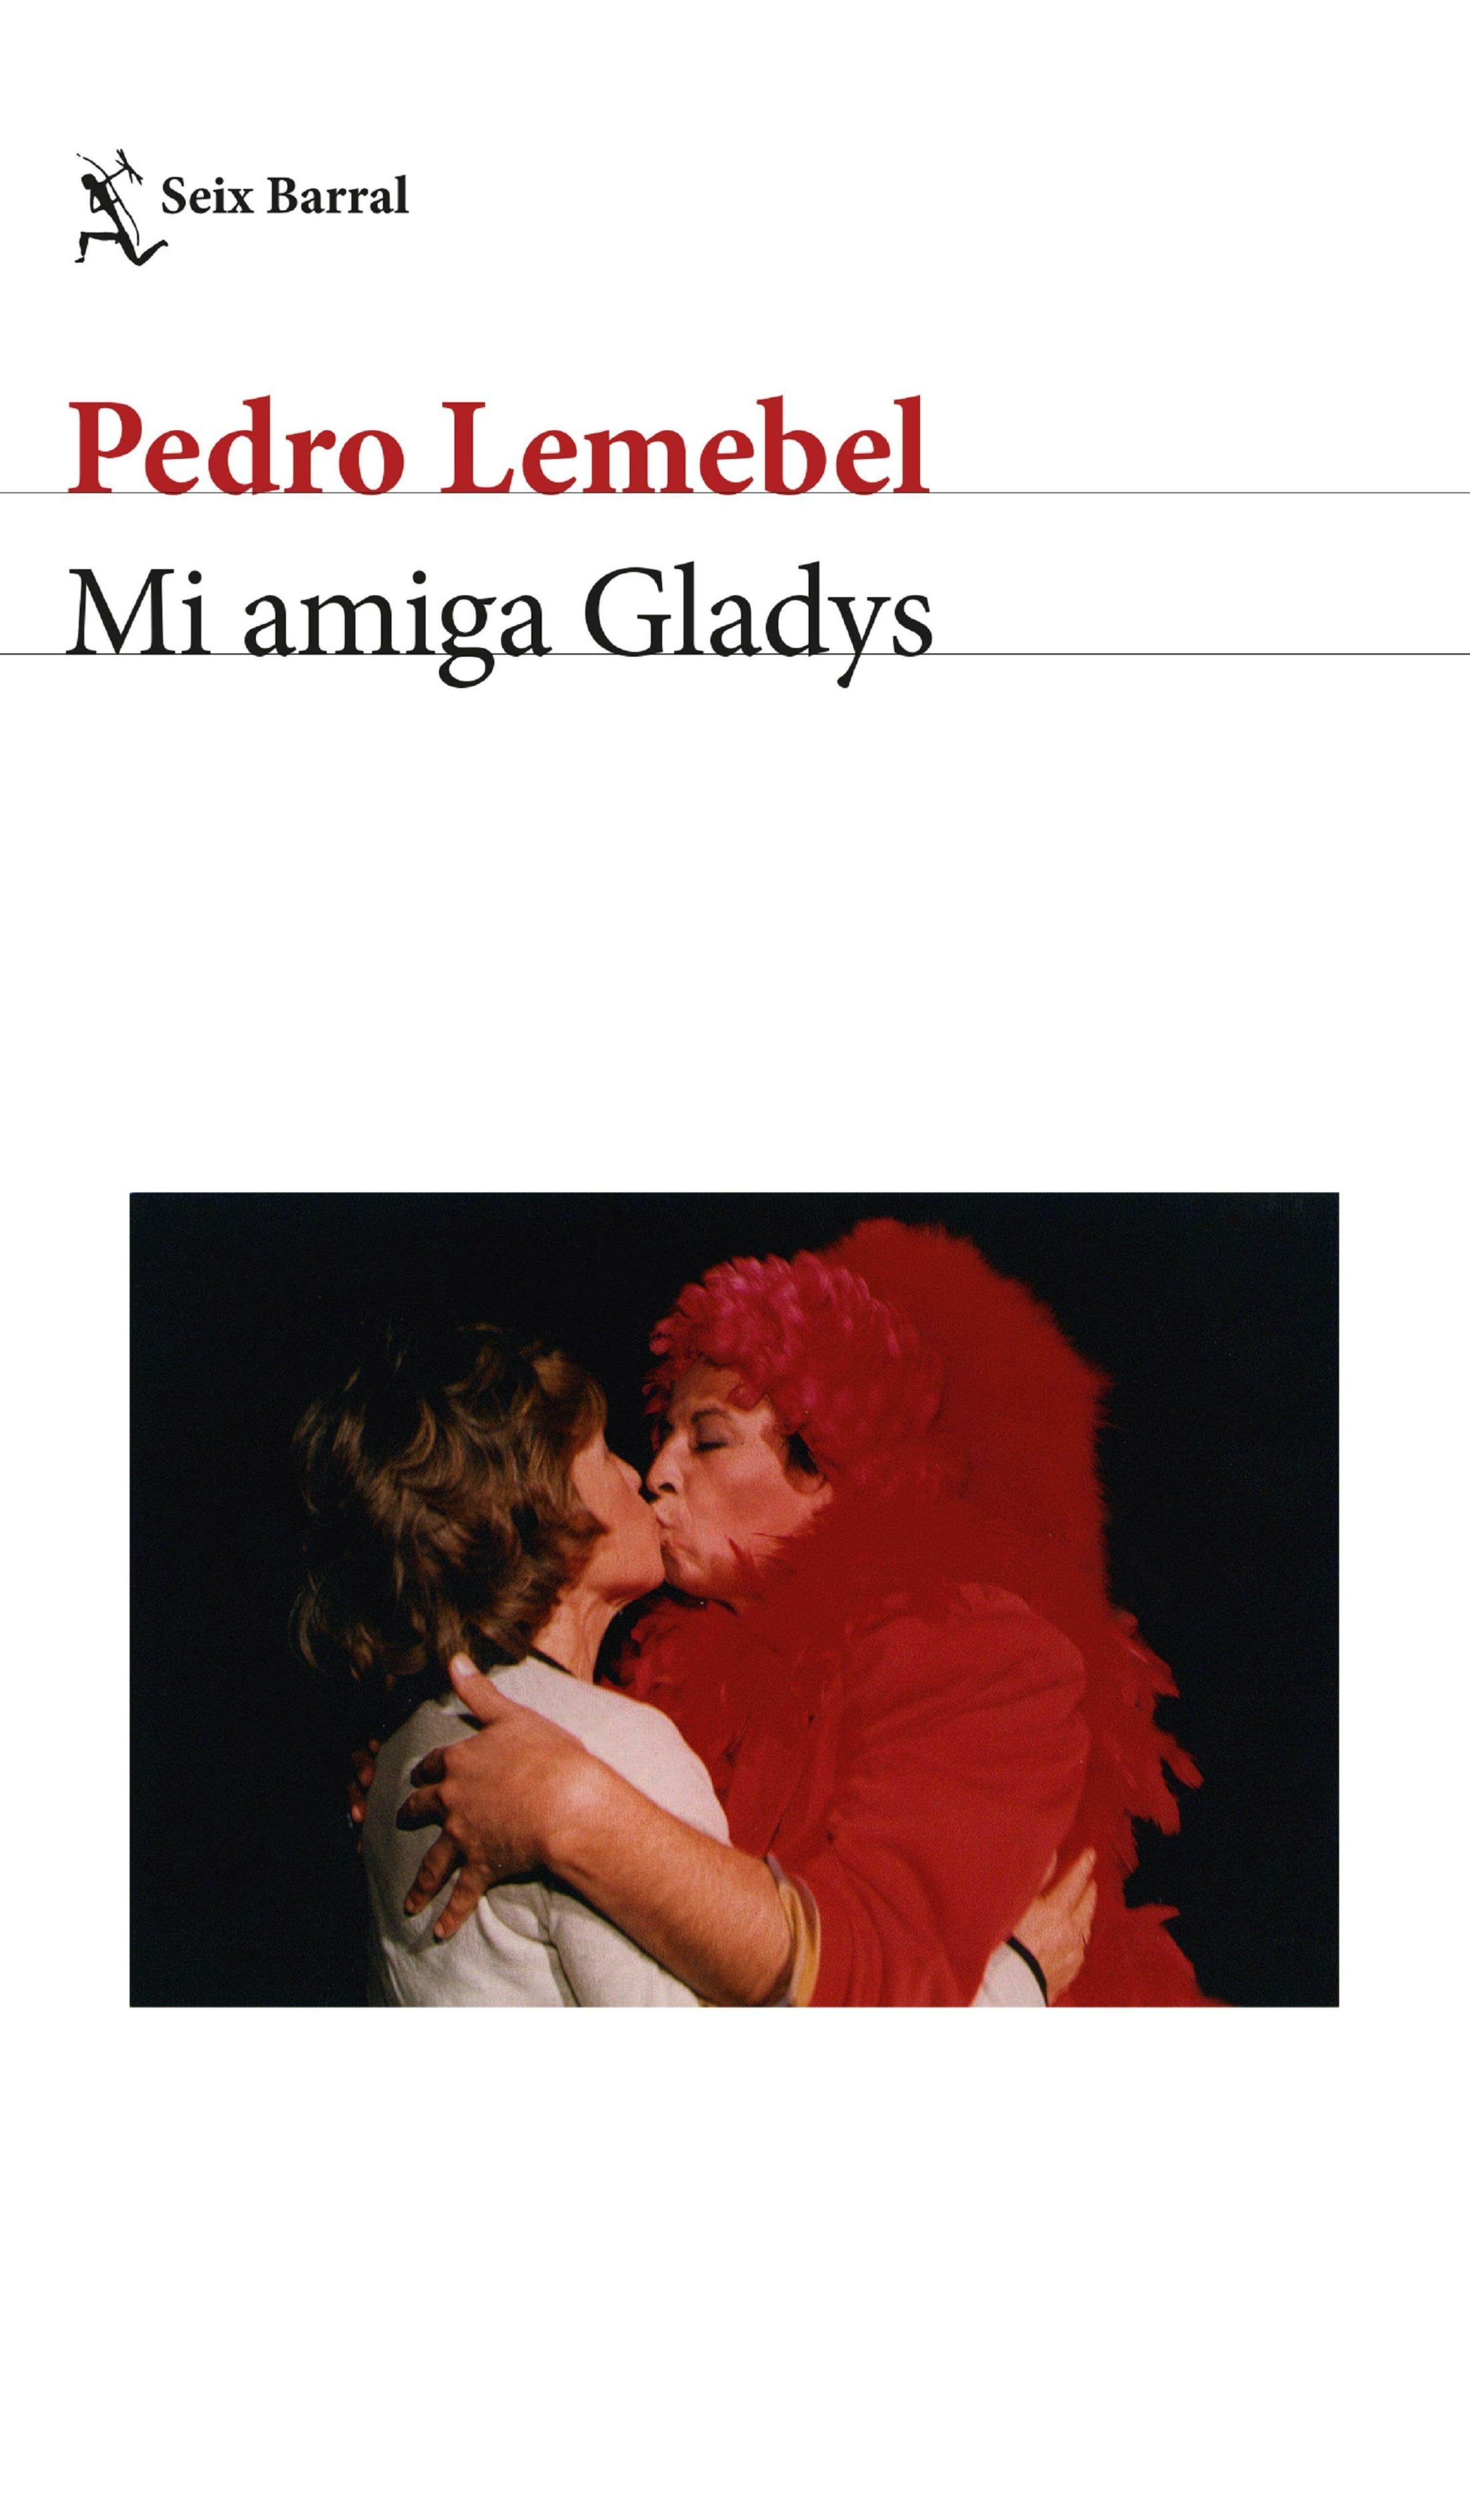 PEDRO LEMEBEL LIBROS PDF